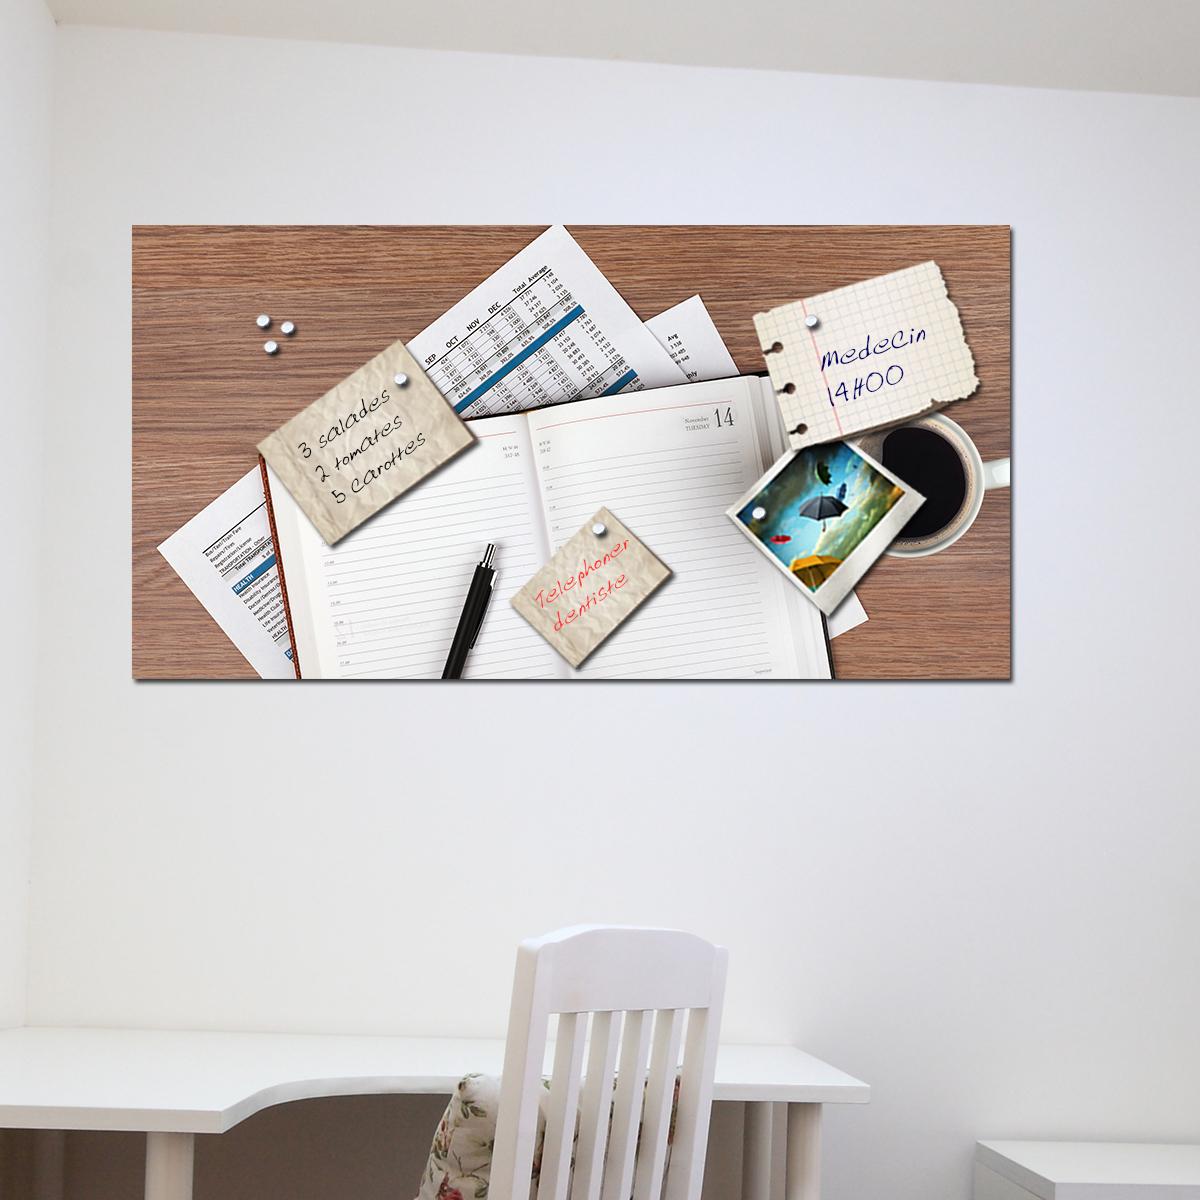 papier peint magn tique sticker papier peint magn tique agenda ambiance. Black Bedroom Furniture Sets. Home Design Ideas